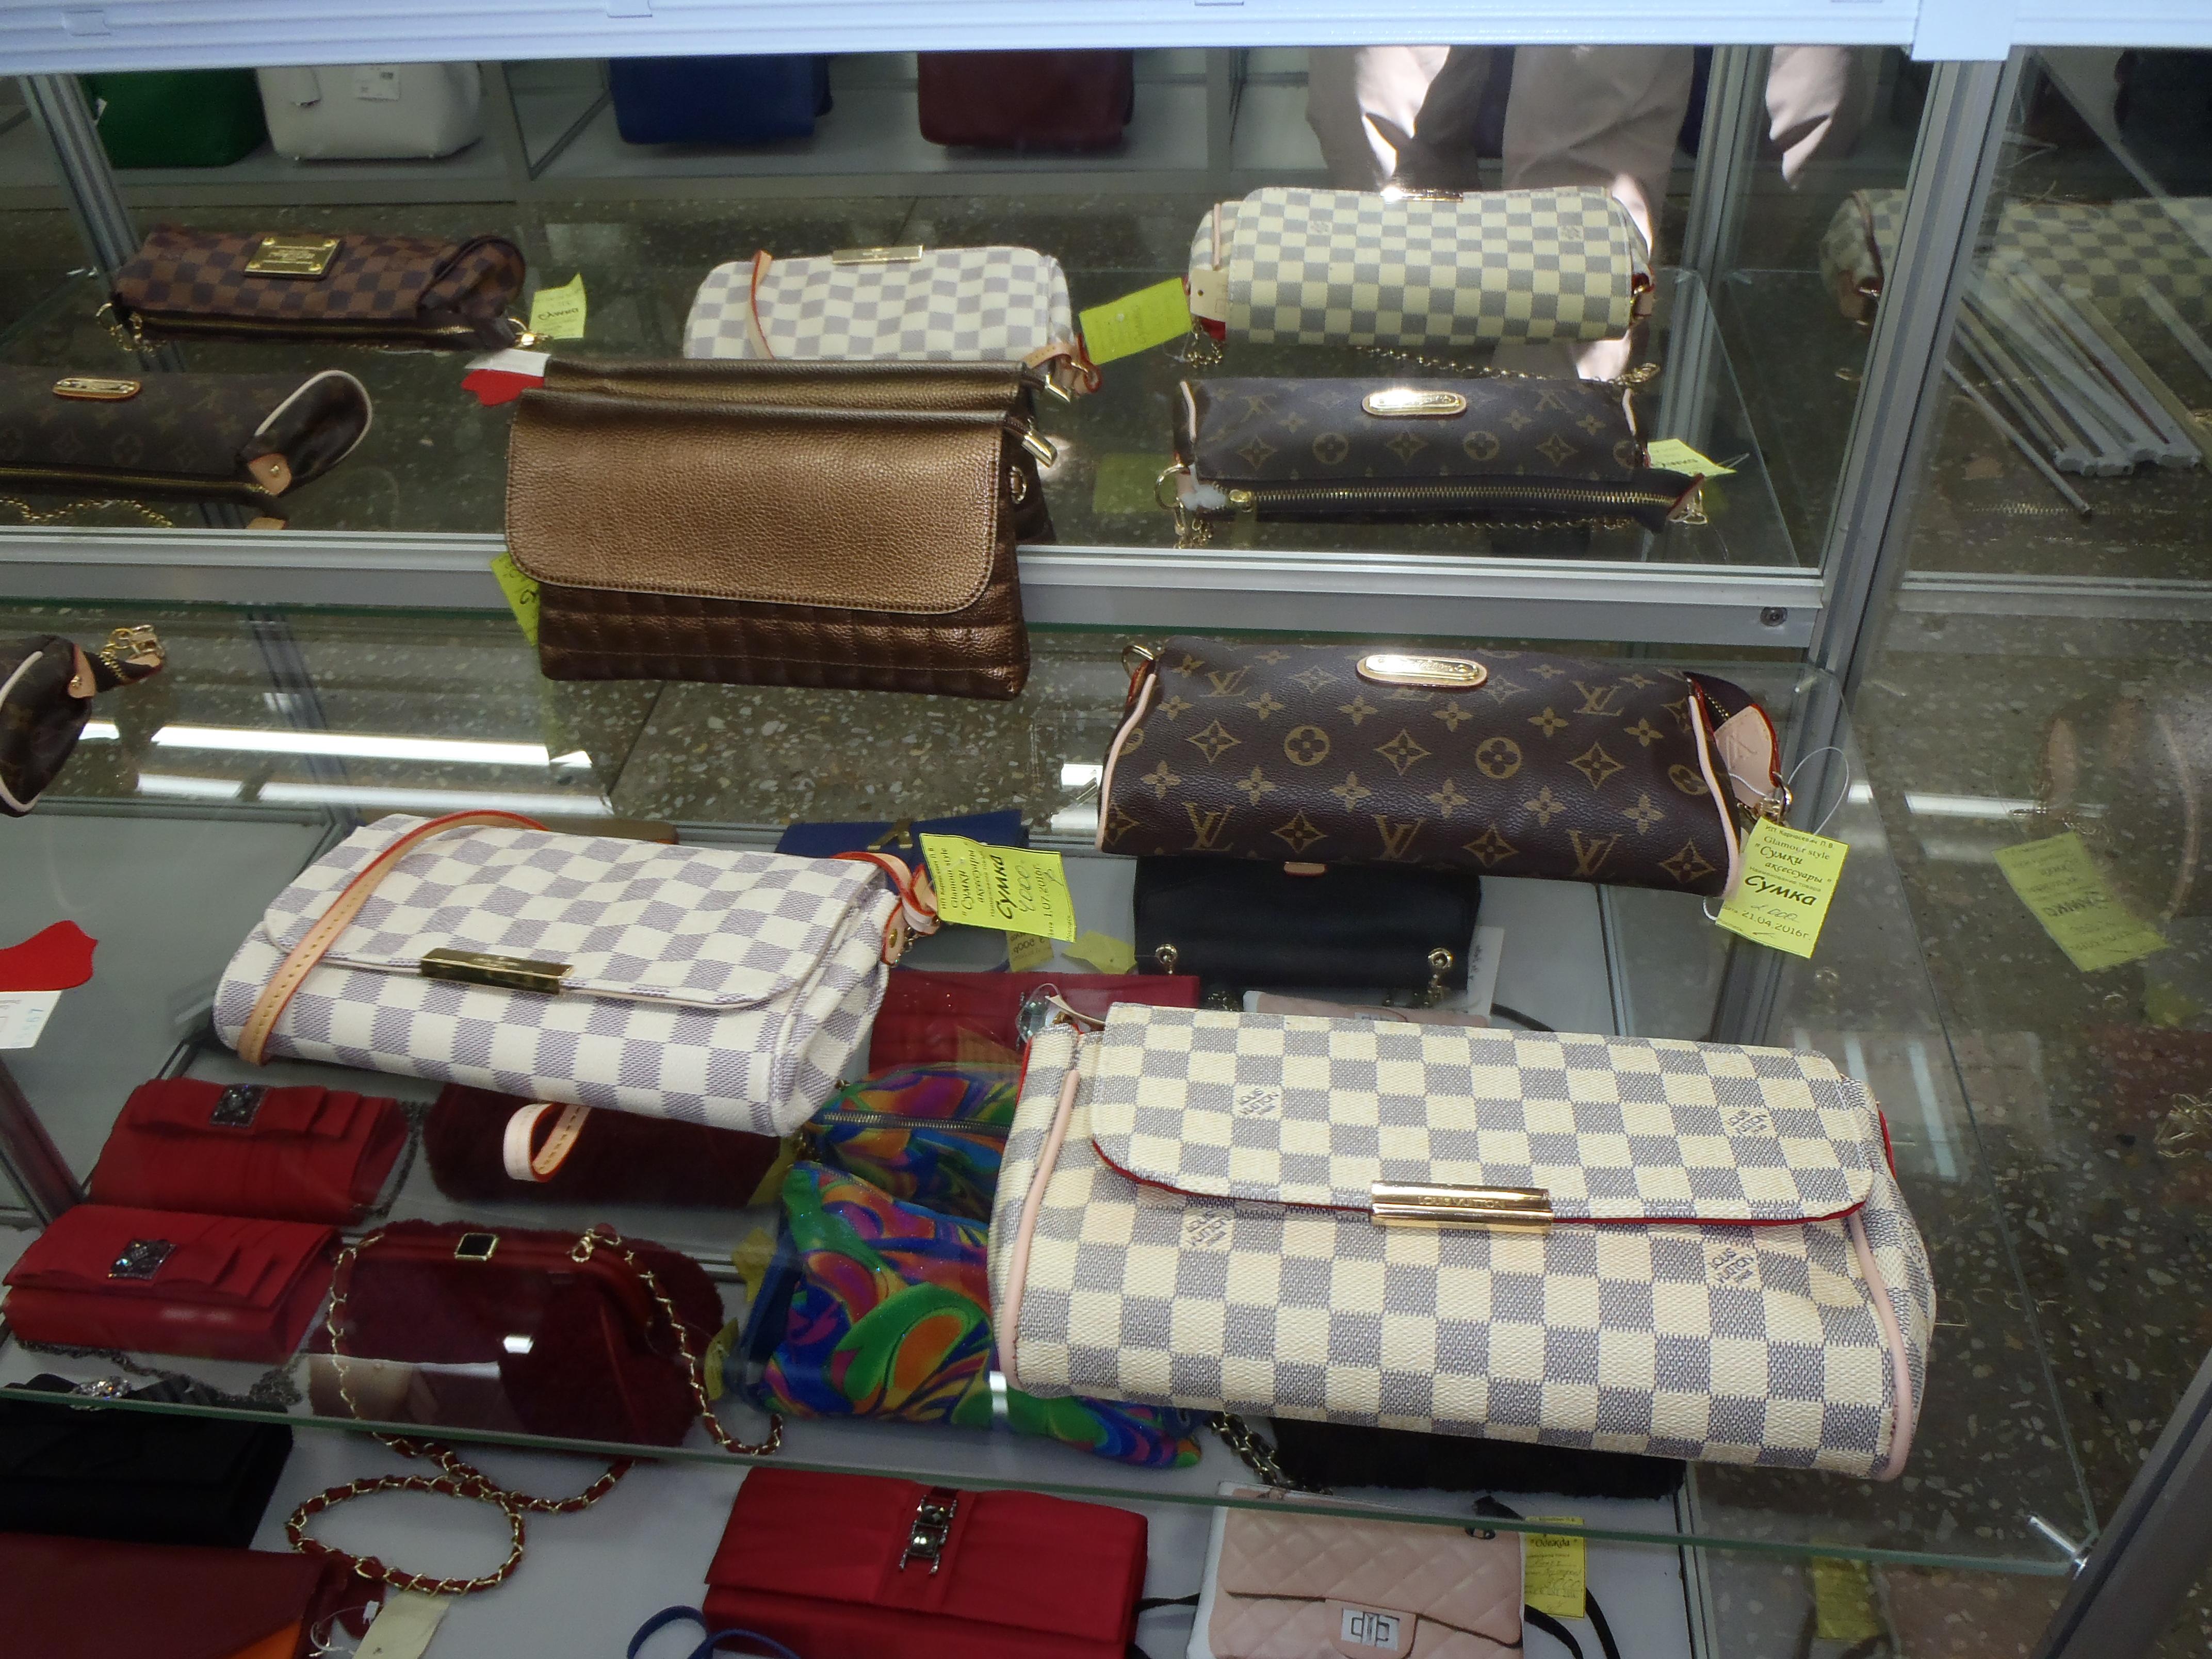 66bbdc4be4cc В пермском торговом центре изъяли большую партию сумок, платков и обуви с  товарными знаками Louis